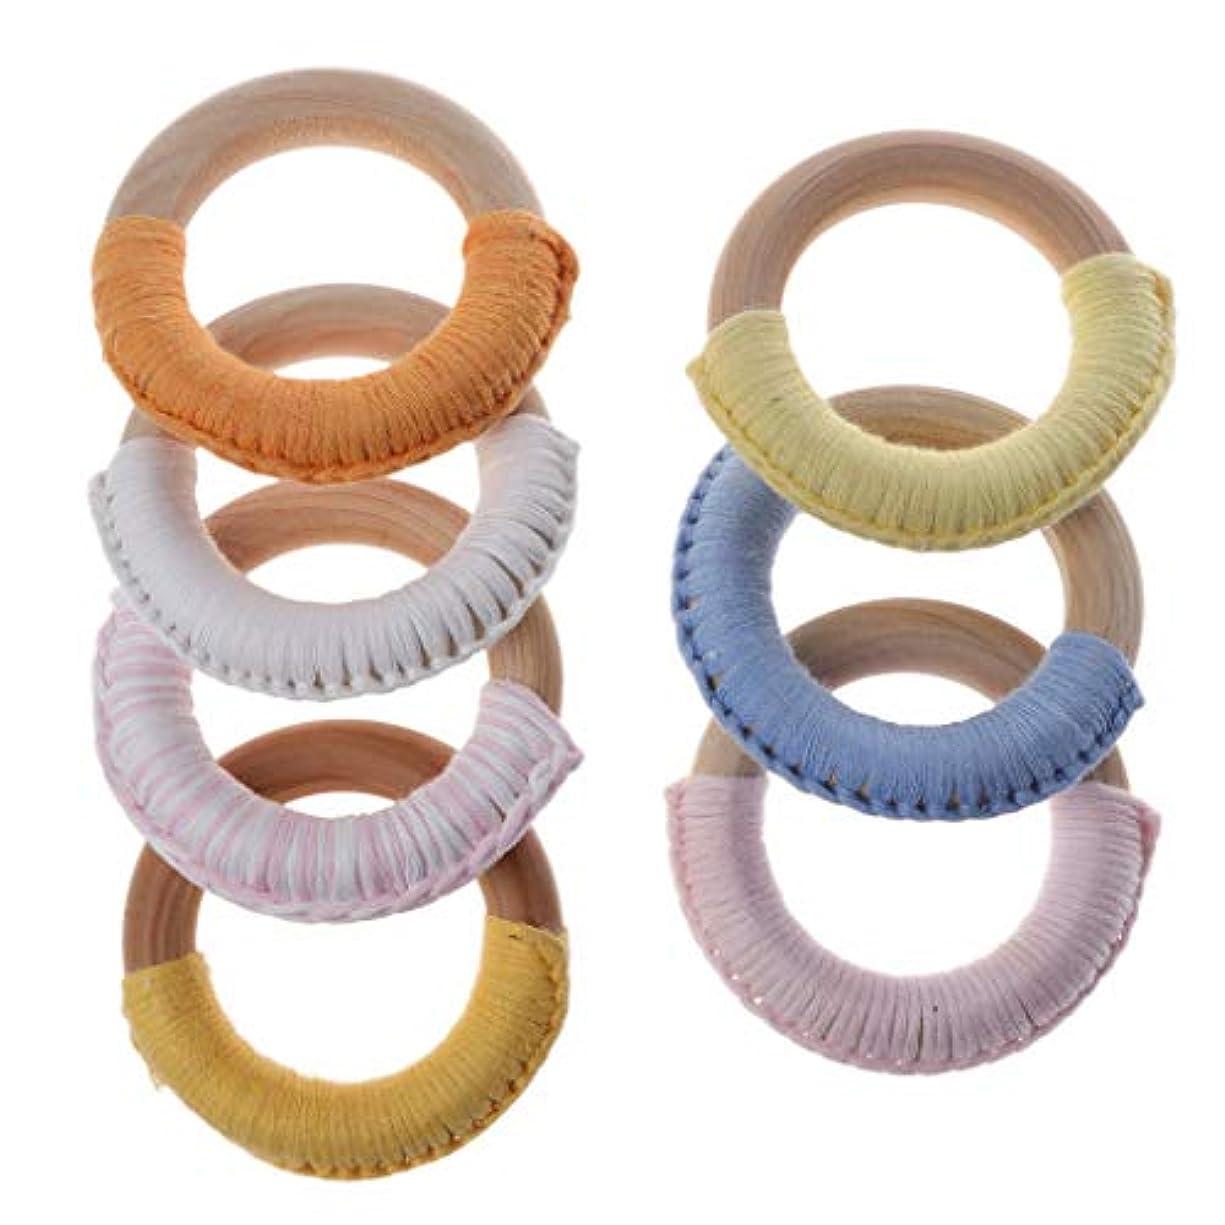 刺繍発見ダンスLanddumシリコーンビーズ赤ちゃん木製ウールティーザーリング赤ちゃん看護玩具かむ玩具歯を作るガラガラおもちゃ - 色ランダム